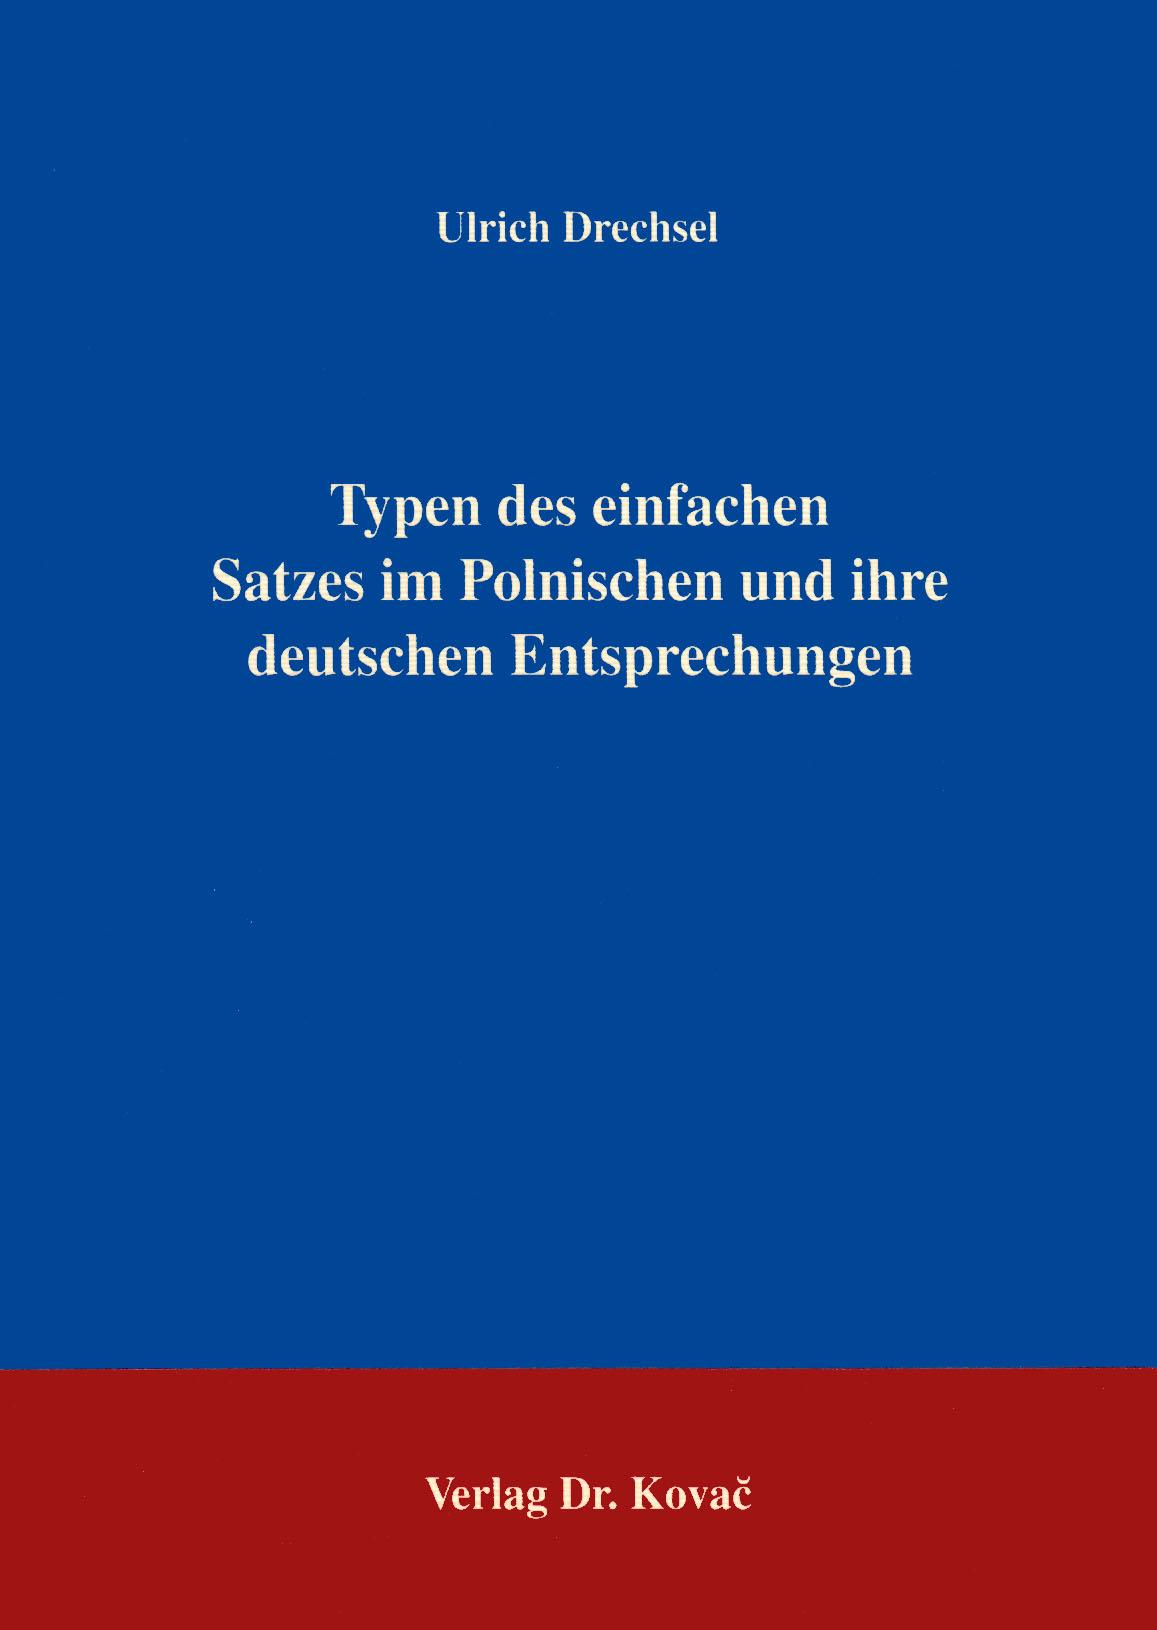 Cover: Typen des einfachen Satzes im Polnischen und ihre deutschen Entsprechungen